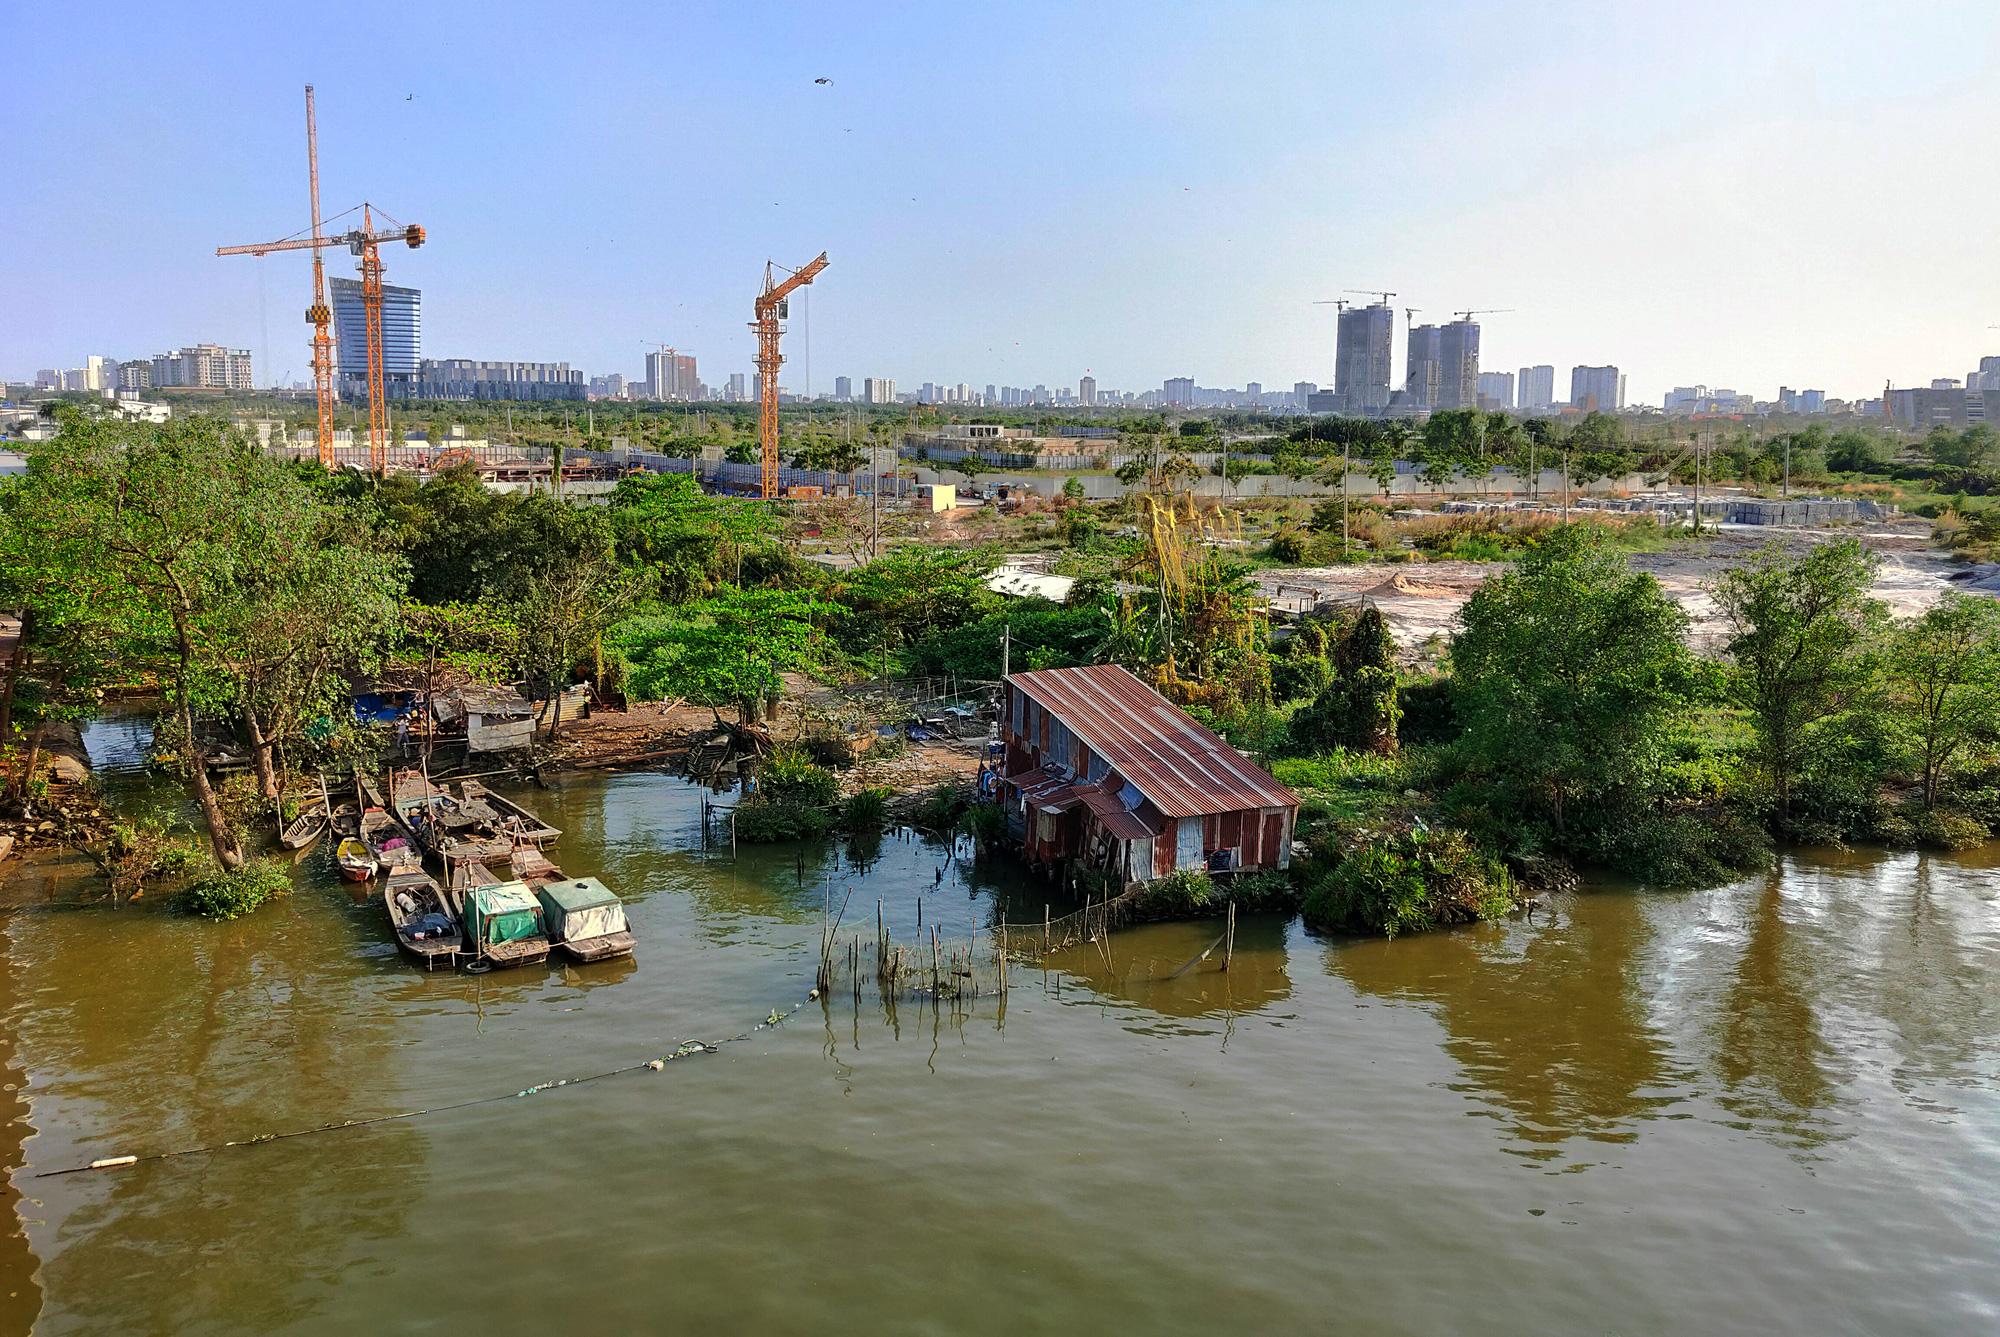 Toàn cảnh dự án Khu dân cư phía Bắc ở Thủ Thiêm của CII vừa được TP HCM cho tiếp tục triển khai - Ảnh 16.